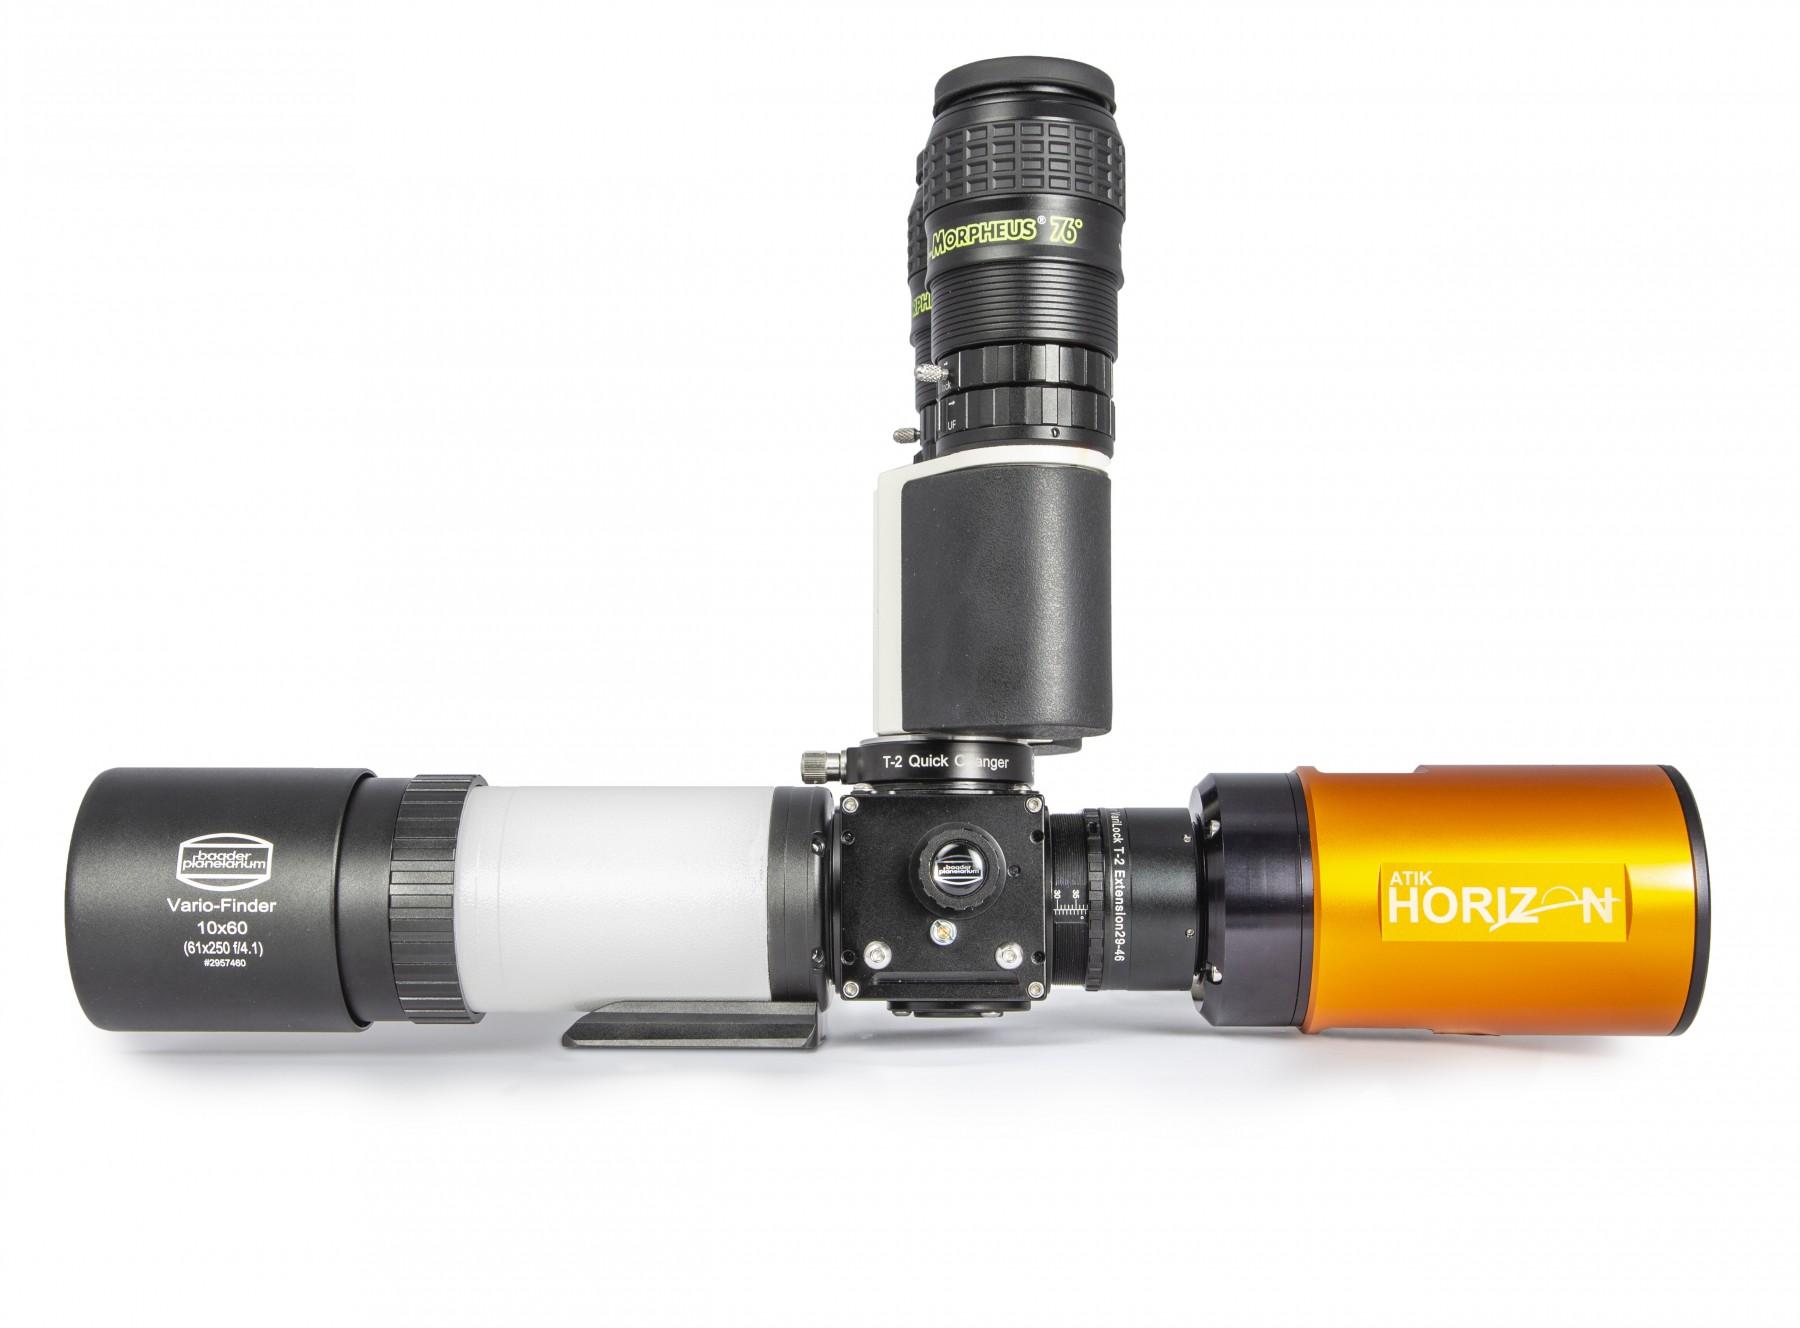 Anwendungsbild: MaxBright II Binokular mit FlipMirror II ermöglicht schnellen Wechsel zwischen Kamera und visuellem Einblick